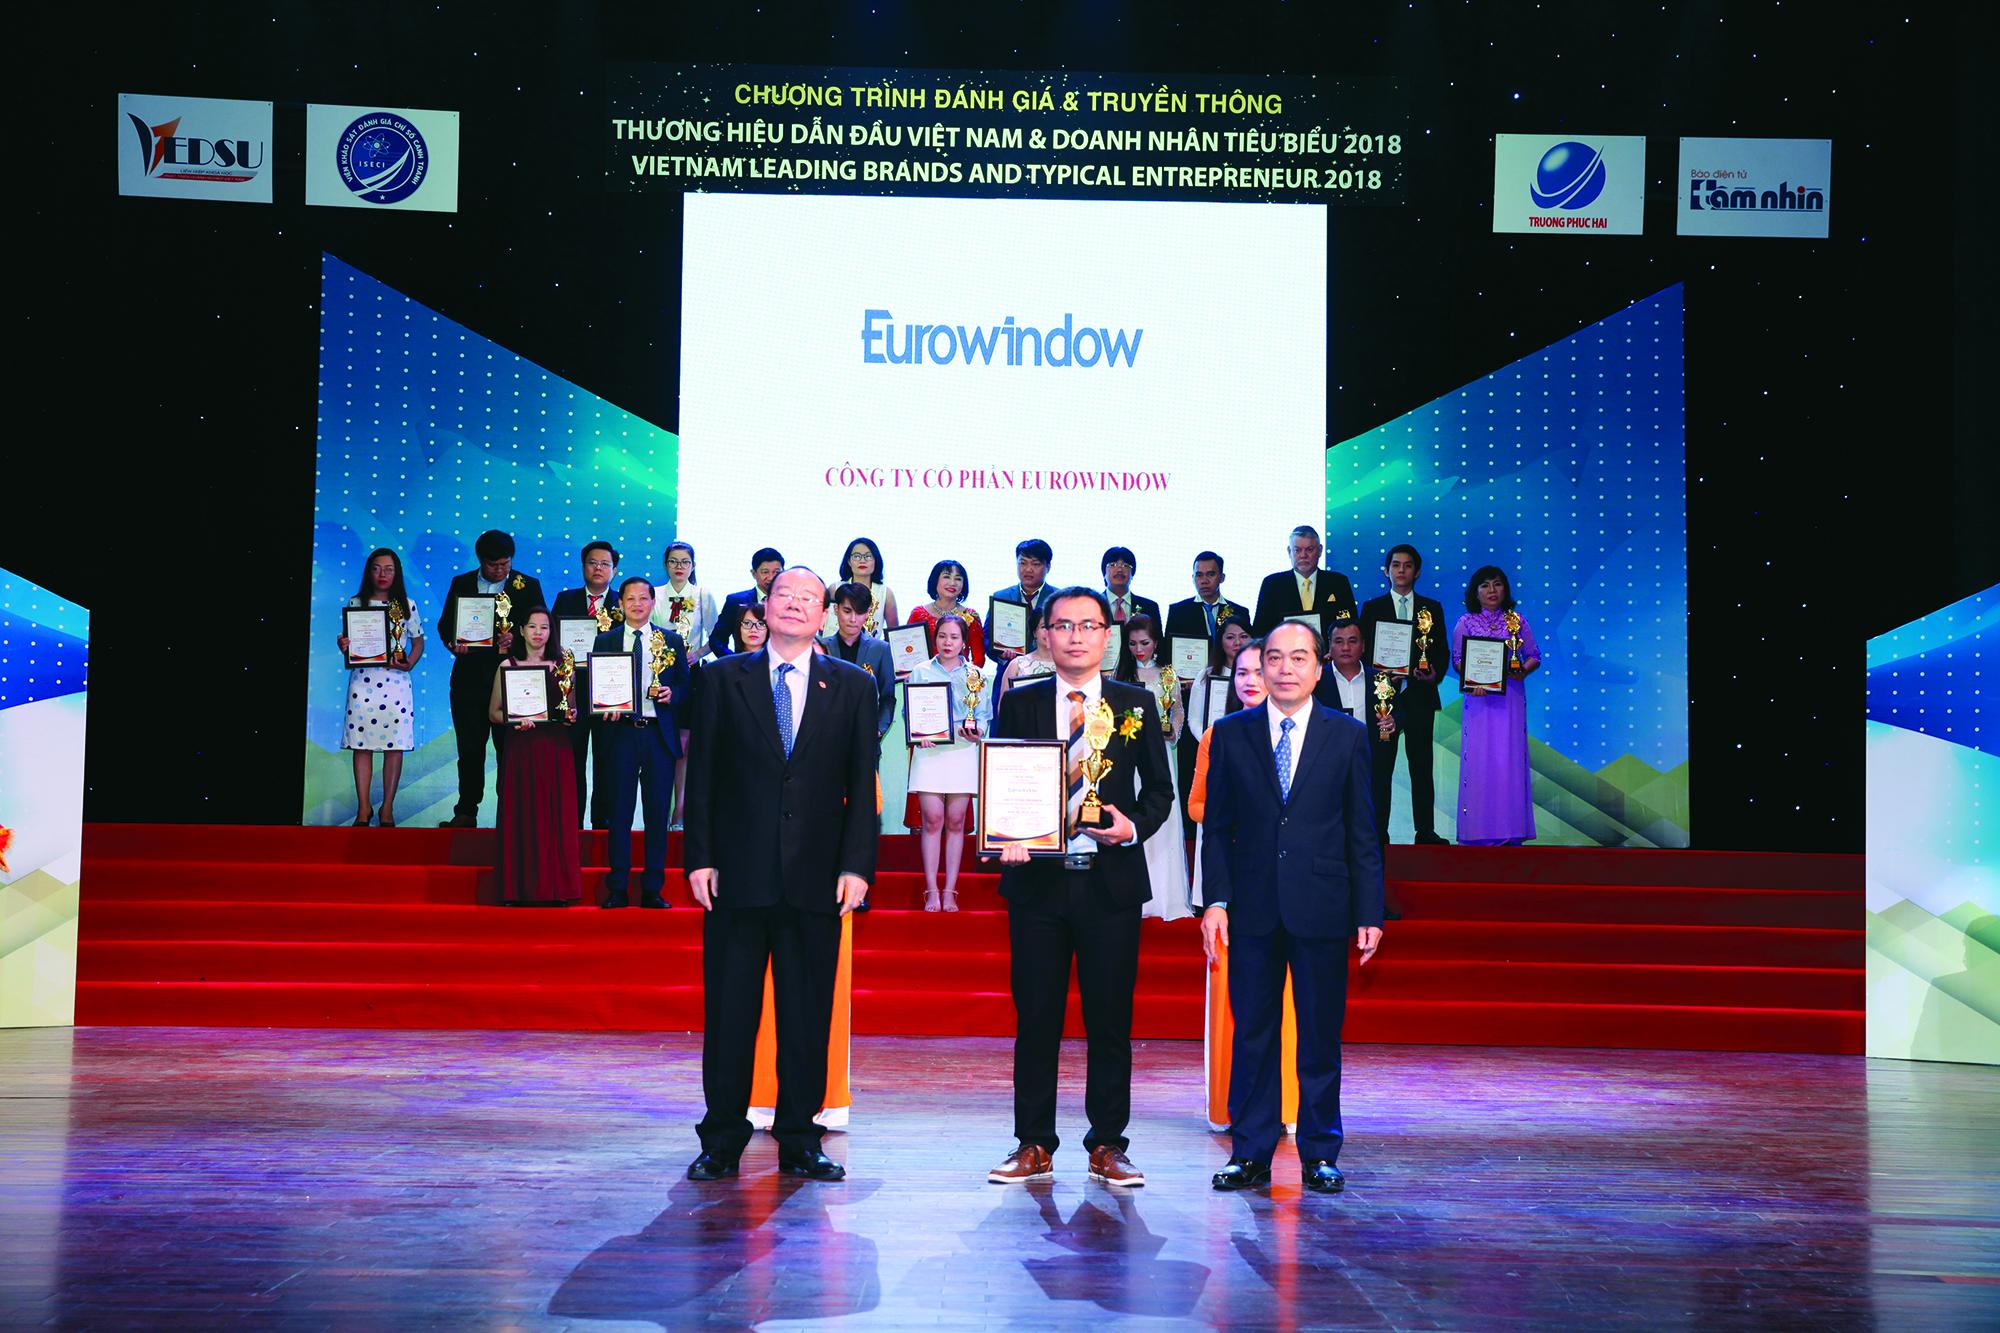 Đại diện Eurowindow nhận giải Top 10 Thương hiệu dẫn đầu Việt Nam năm 2018